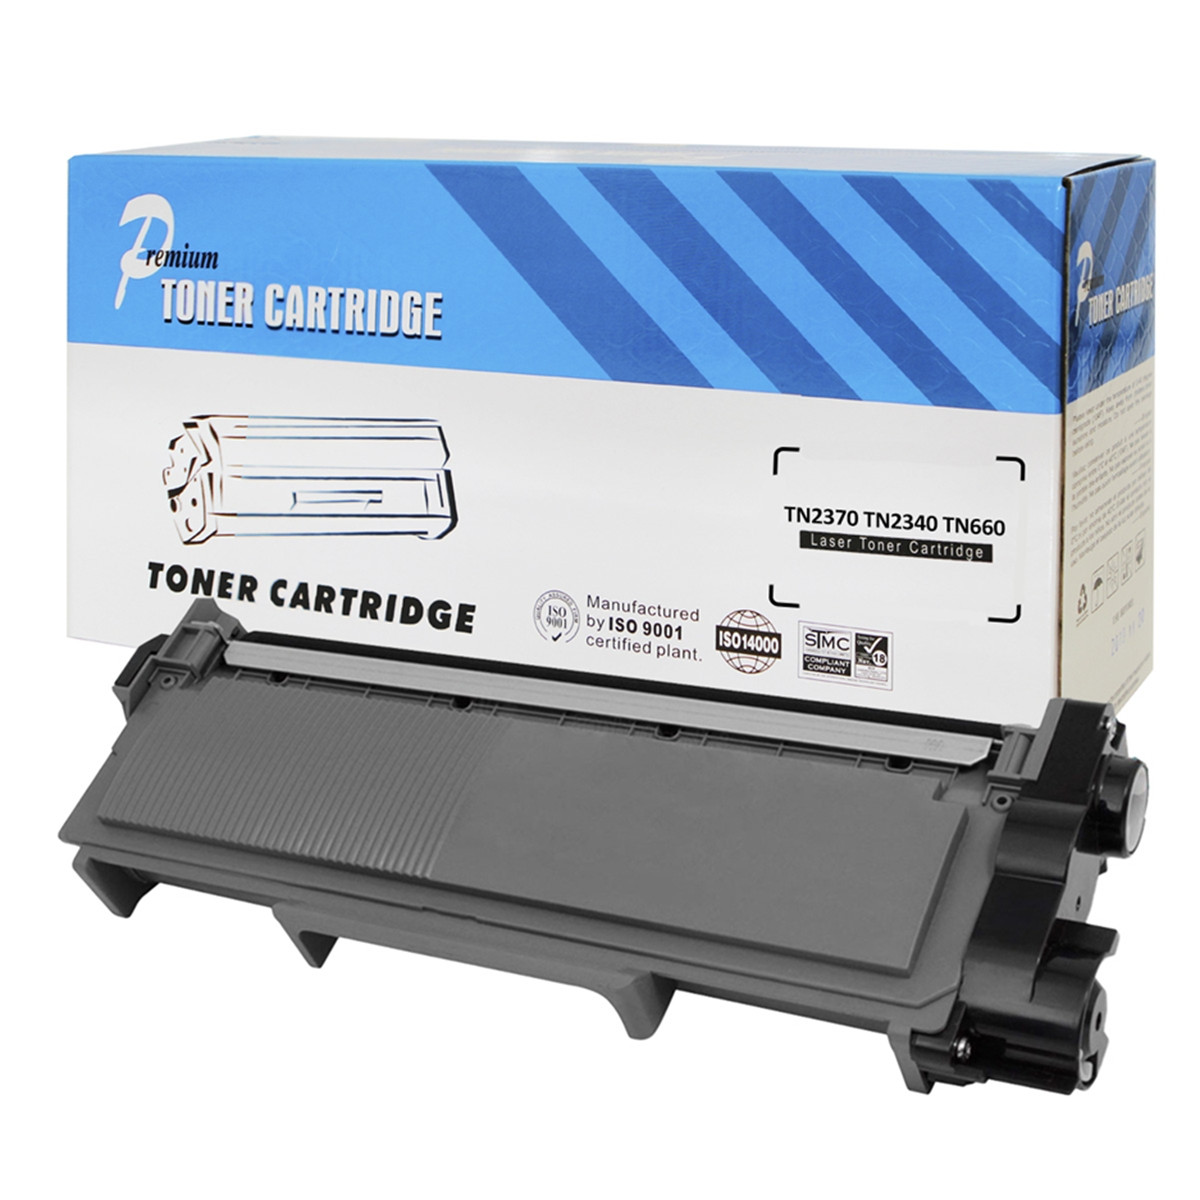 Toner Compatível com Brother TN2370 | HL-L2360 HL-L2320 MFC-L2720 MFC-L2740 MFC-L2700 | Premium 2.6k